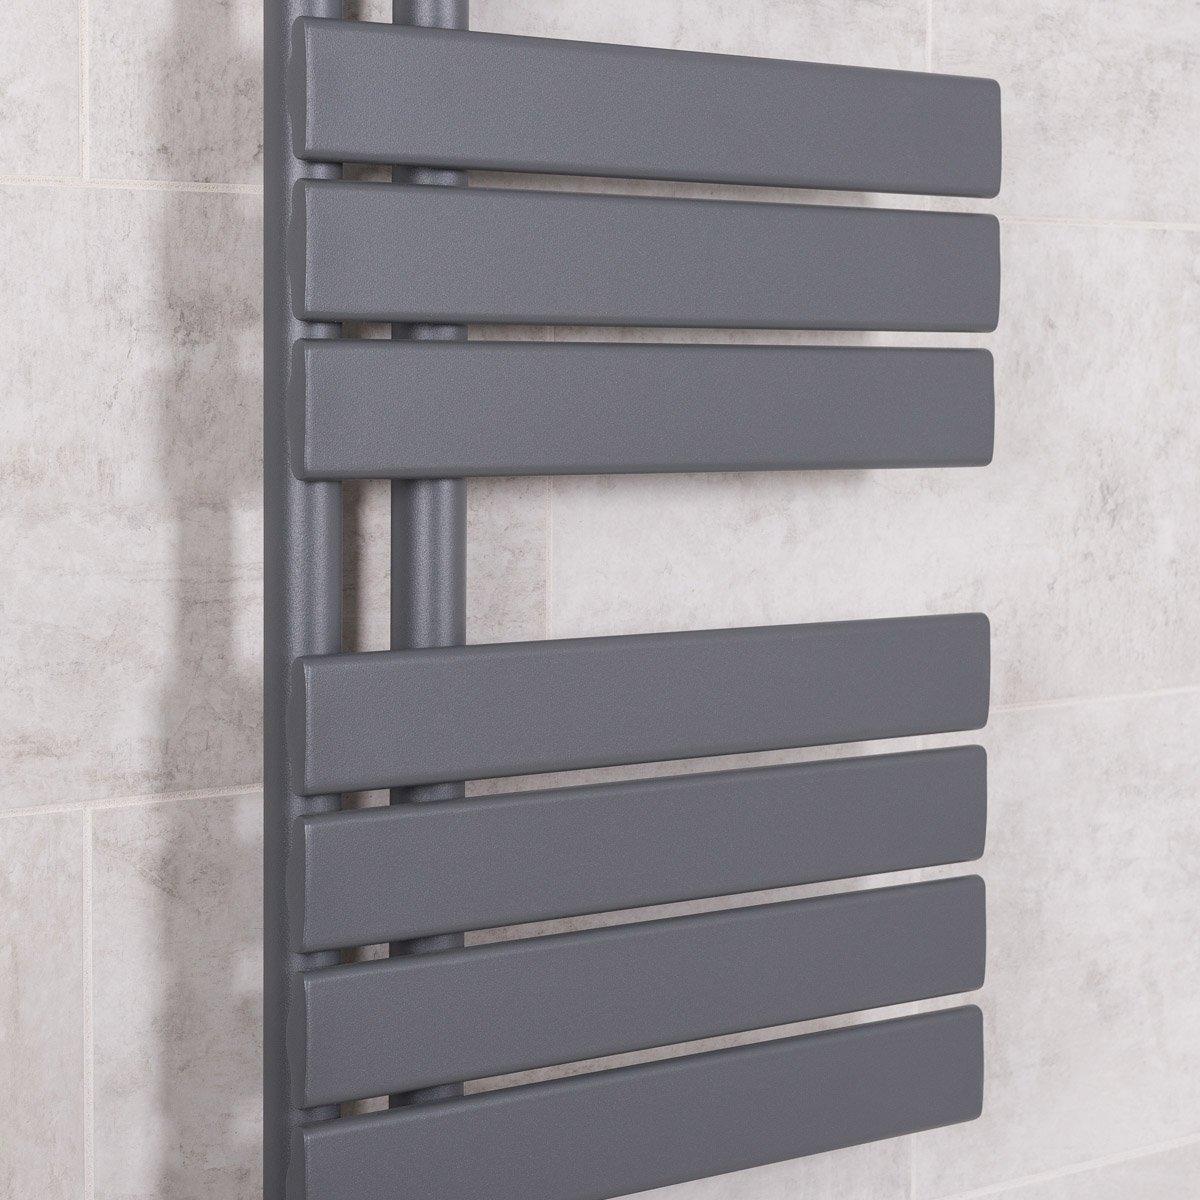 Salle de bains S/èche-serviettes radiateur plat design eau chaude 446 Watts 824 x 500 Gris